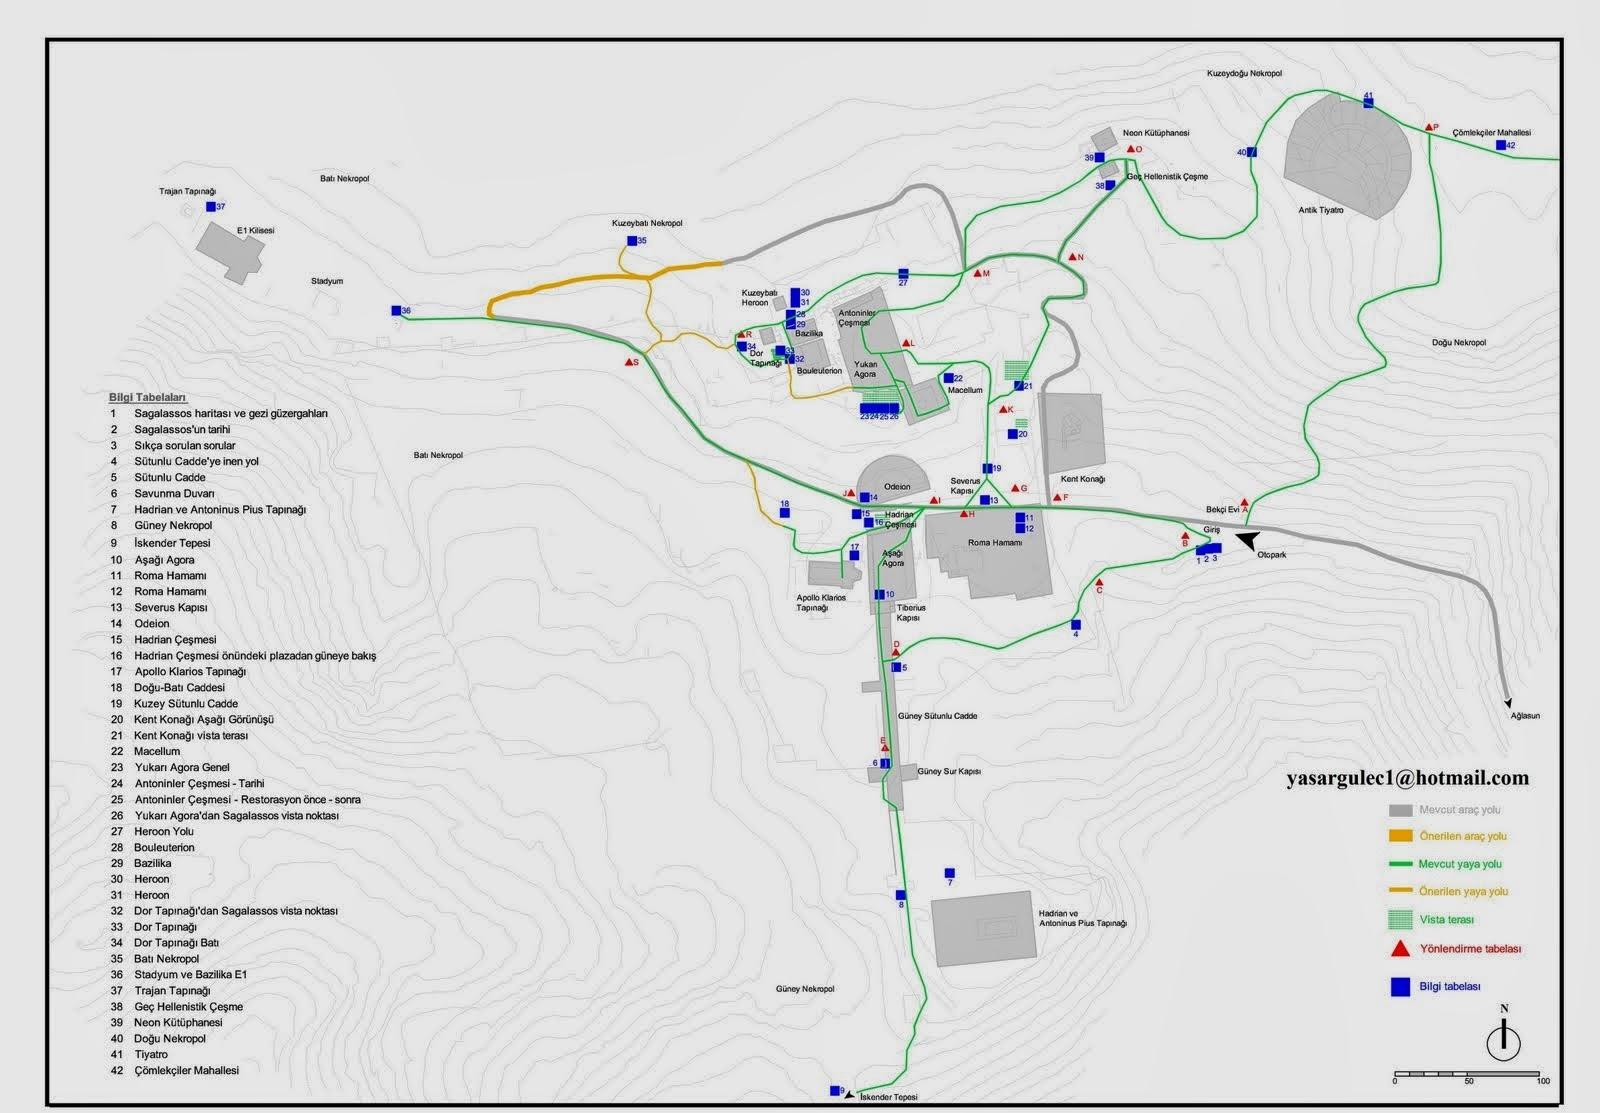 Sagalassos Haritası